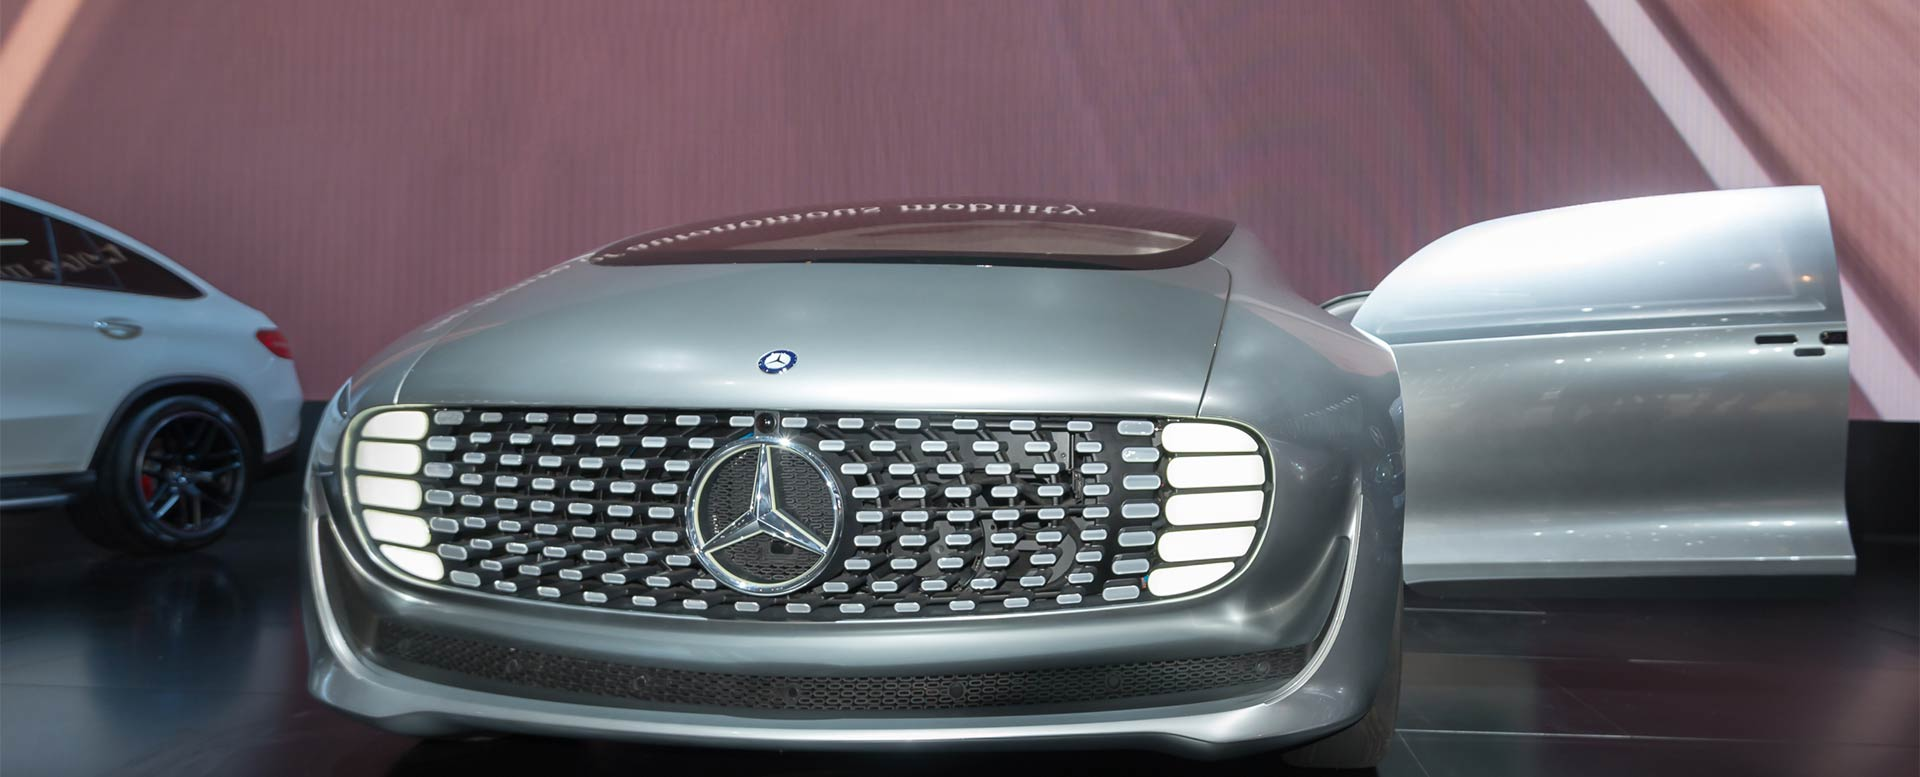 Konzeptauto F015 von Mercedes - selbstfahrendes Auto